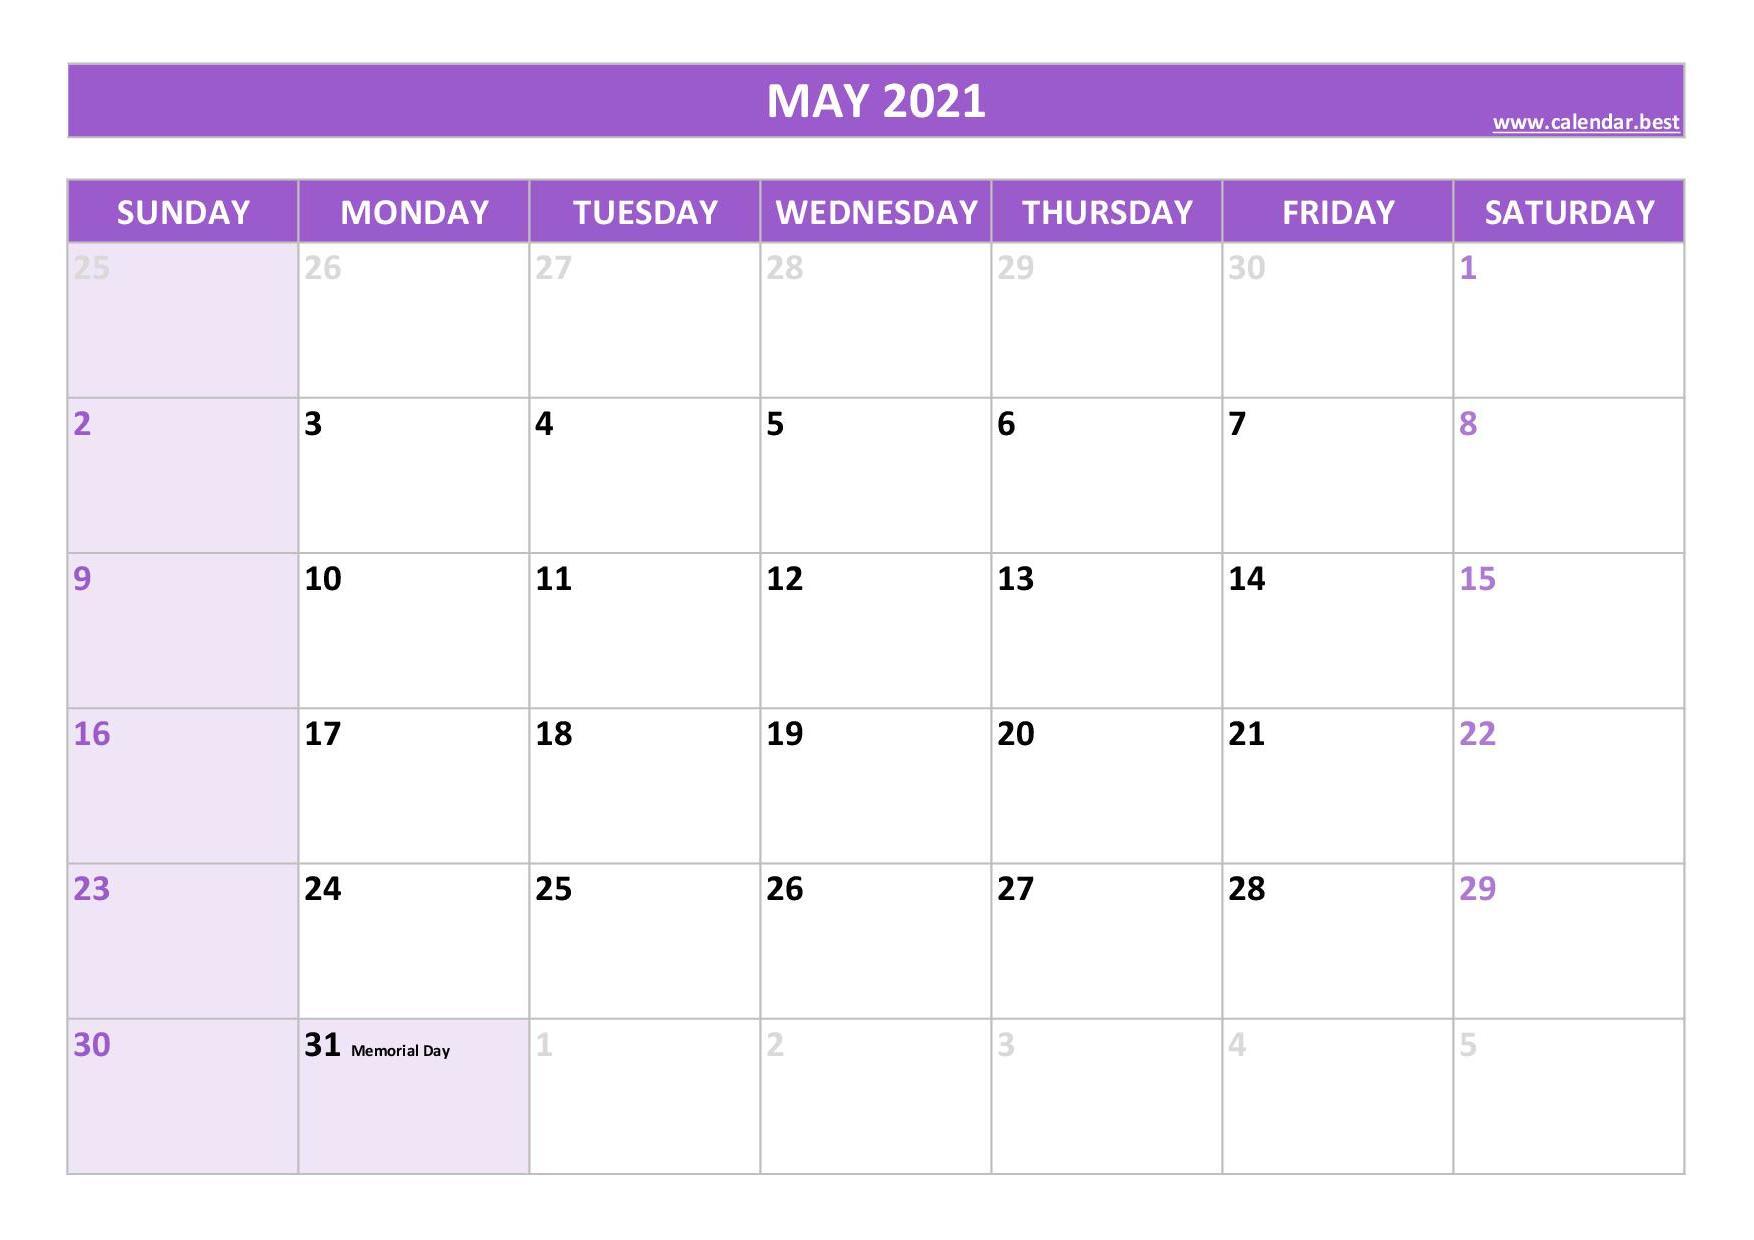 May 2021 calendar -Calendar.best